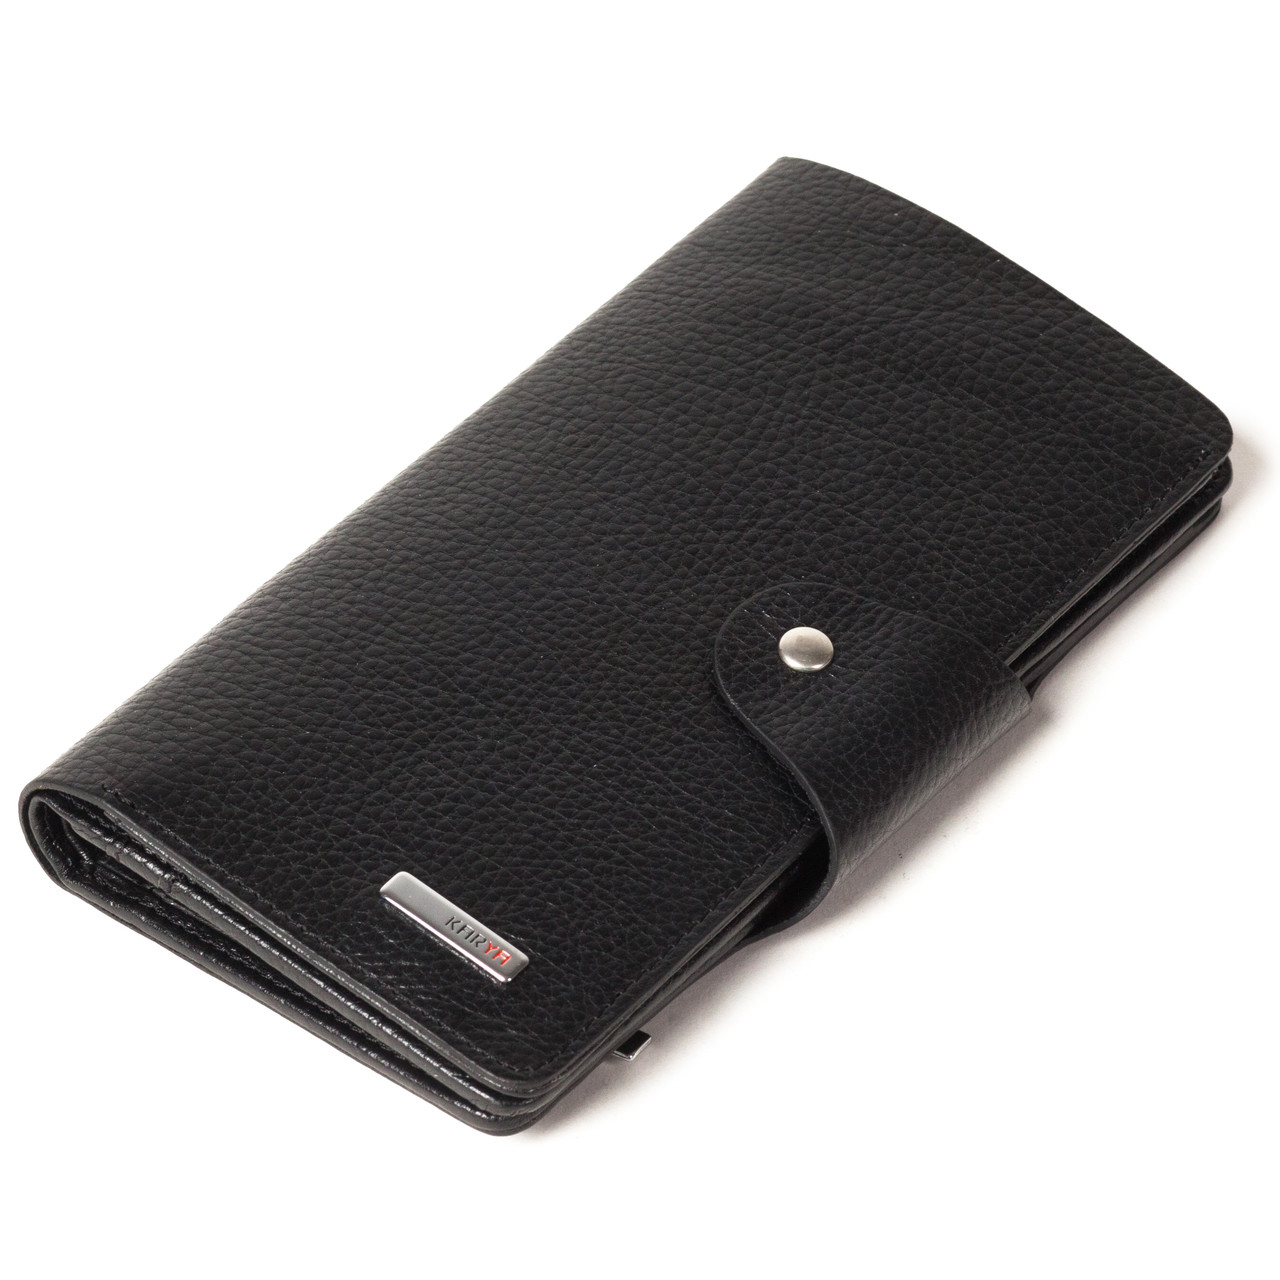 Мужское портмоне купюрник Karya 1122-45 кожаное черное